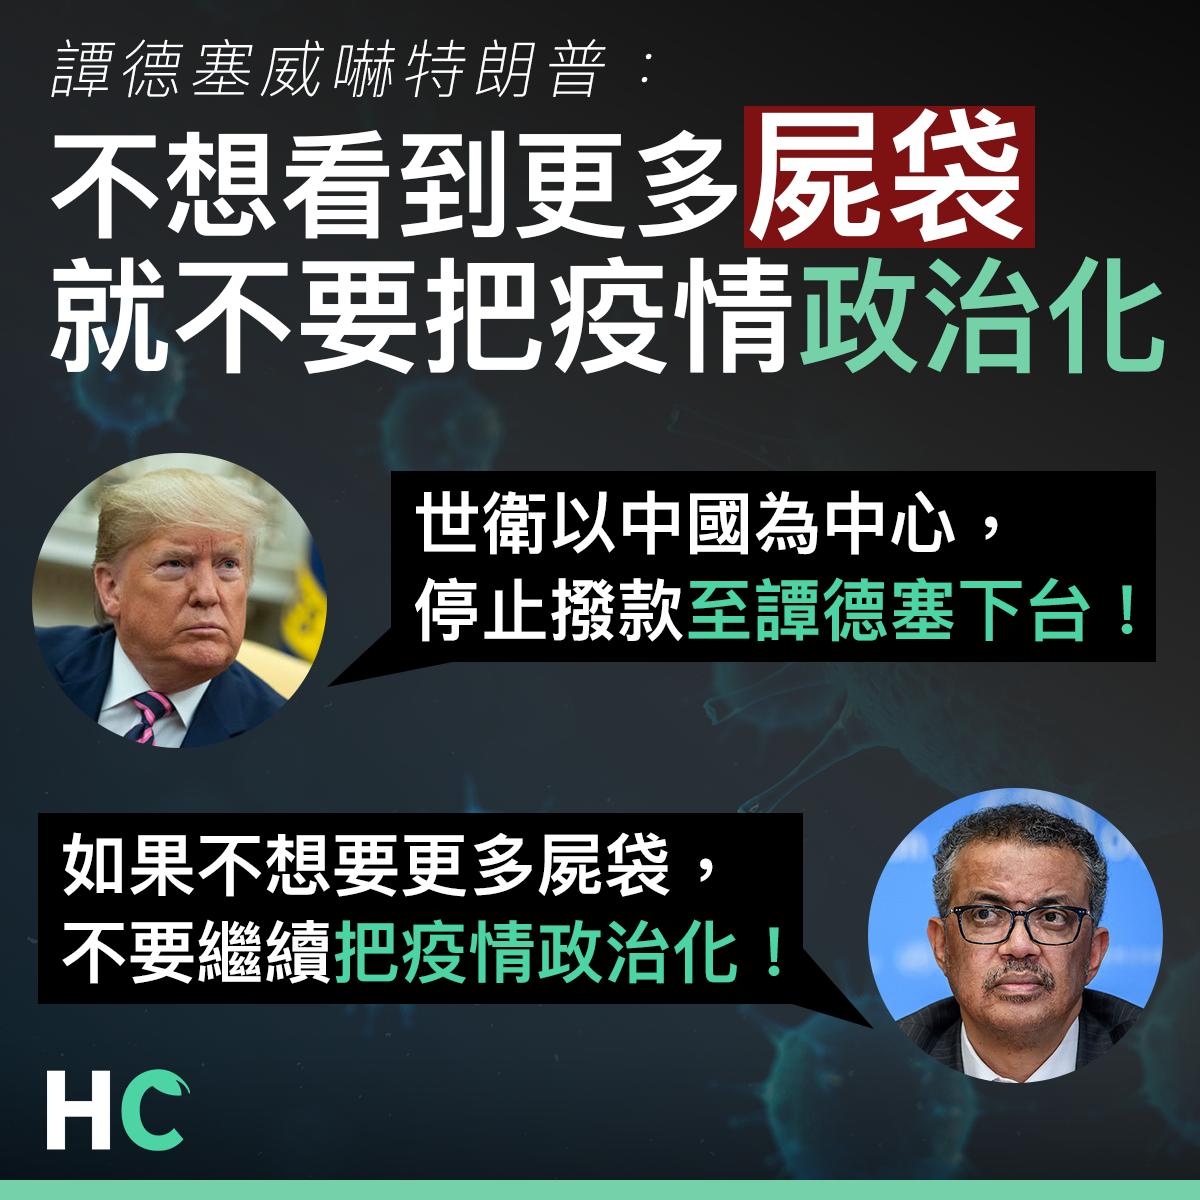 【#武漢肺炎】譚德塞威嚇特朗普:不想看到更多屍袋 就不要把疫情政治化